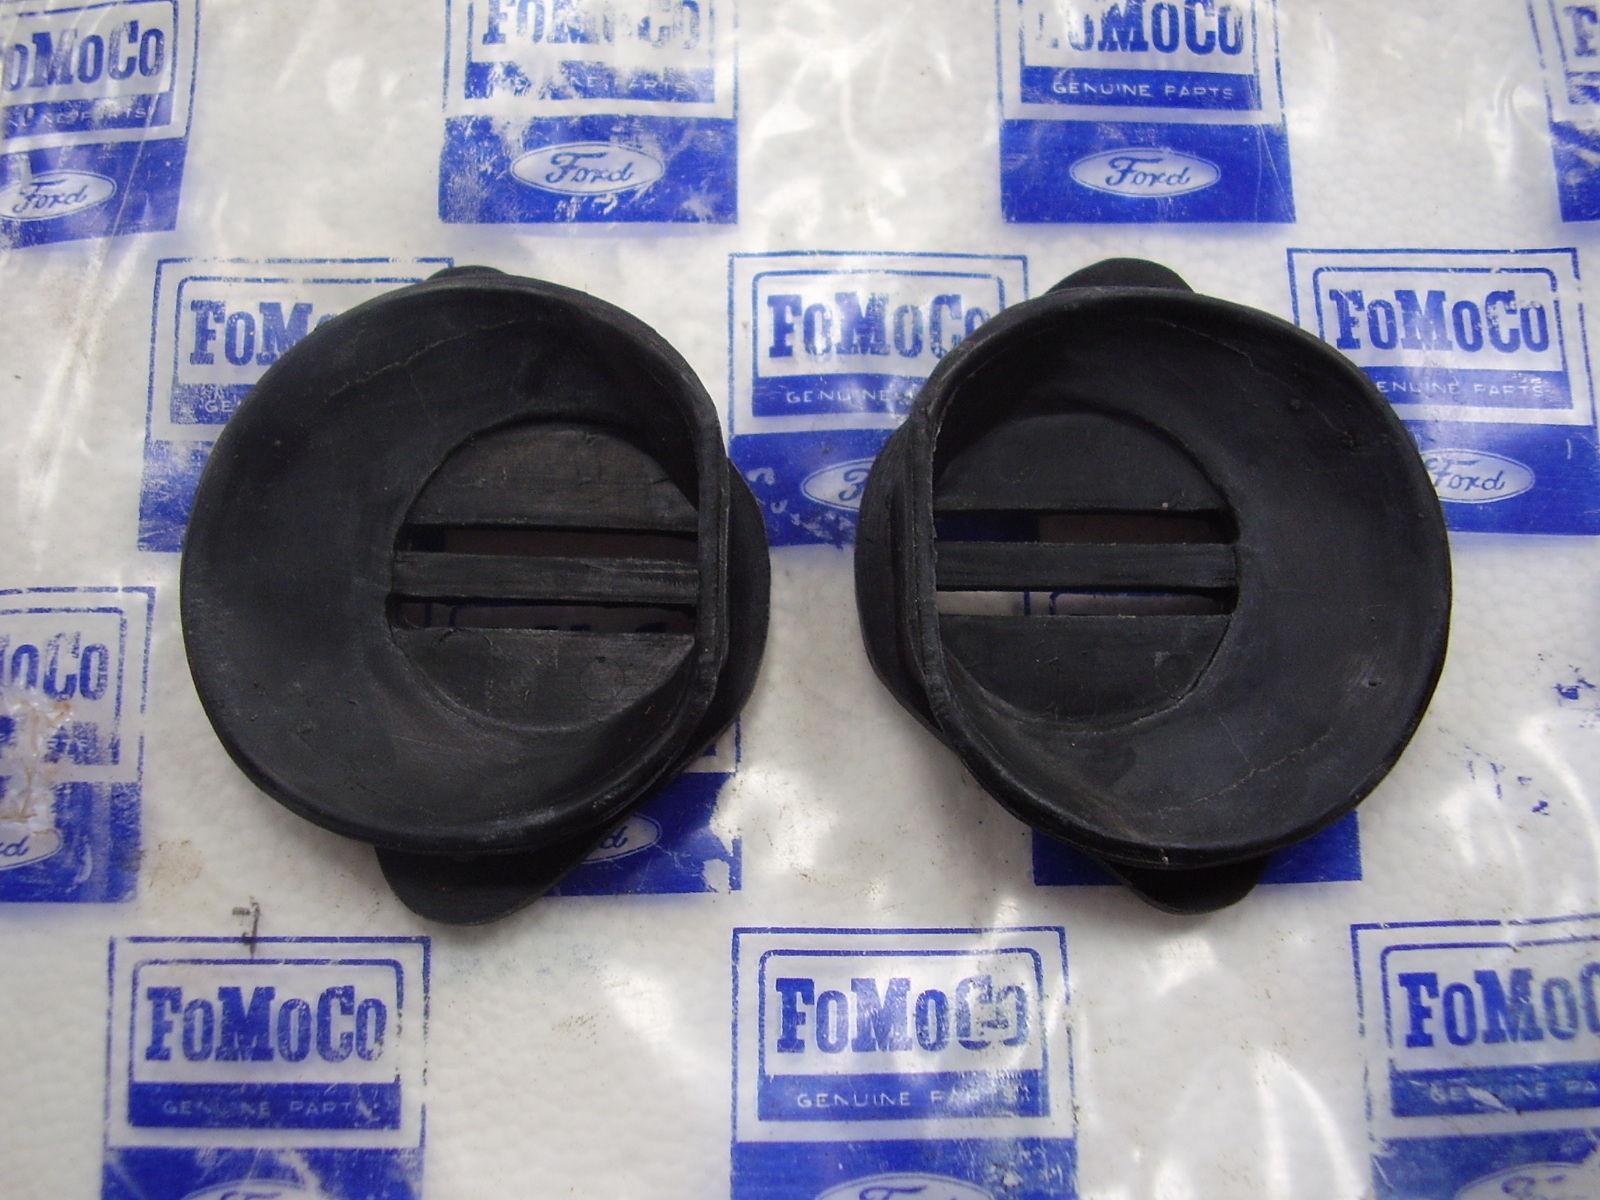 68 / 72 Door check strap rubber seals